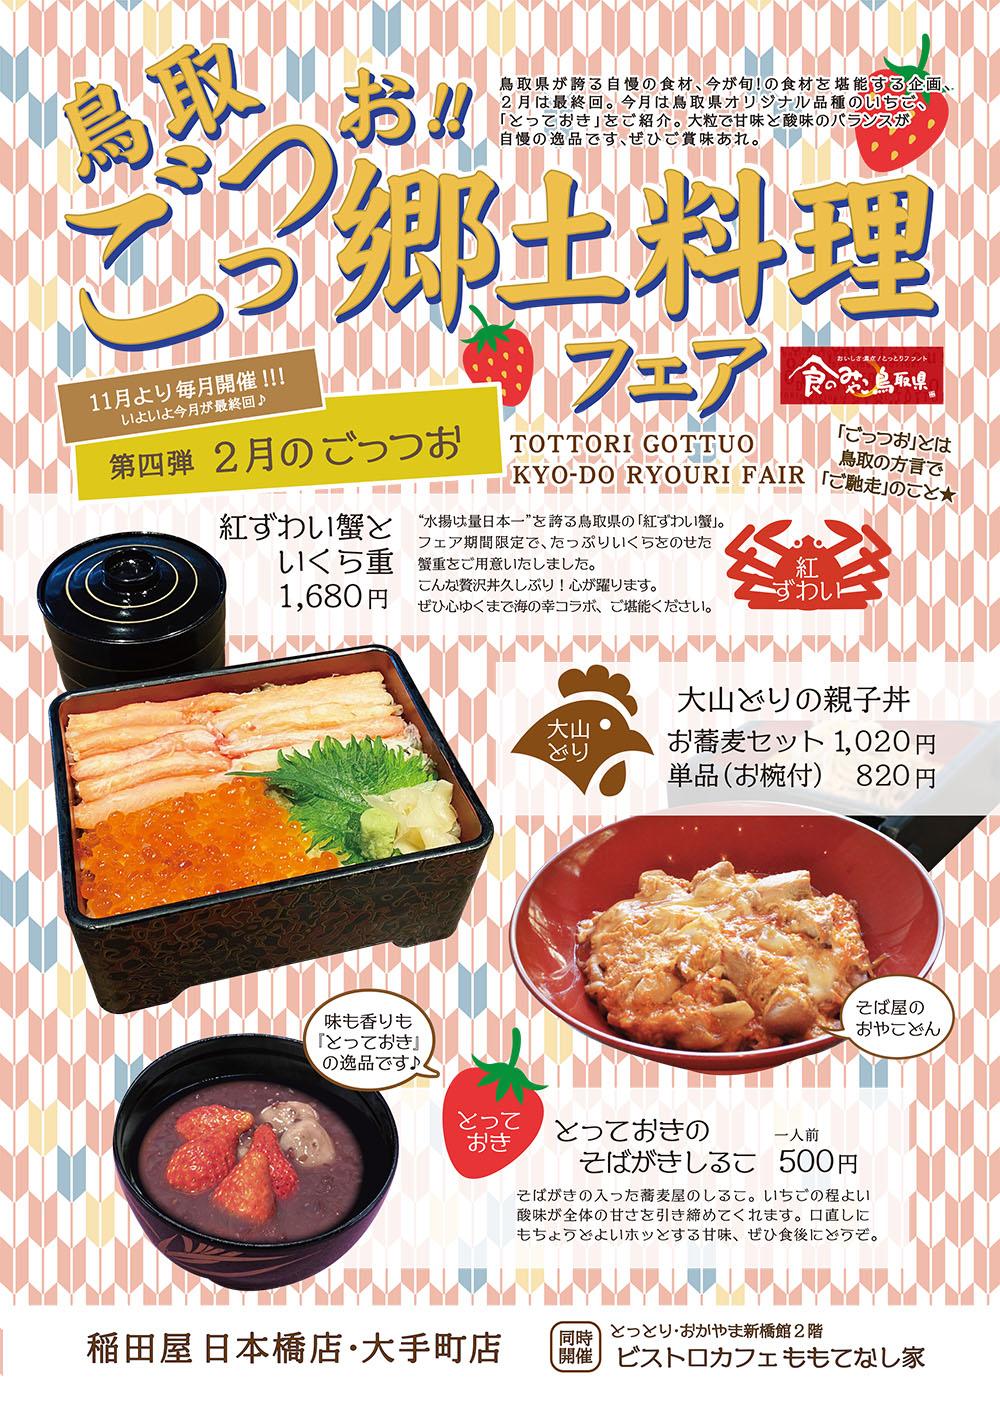 鳥取ごっつお郷土料理フェア第四弾、POPイメージ